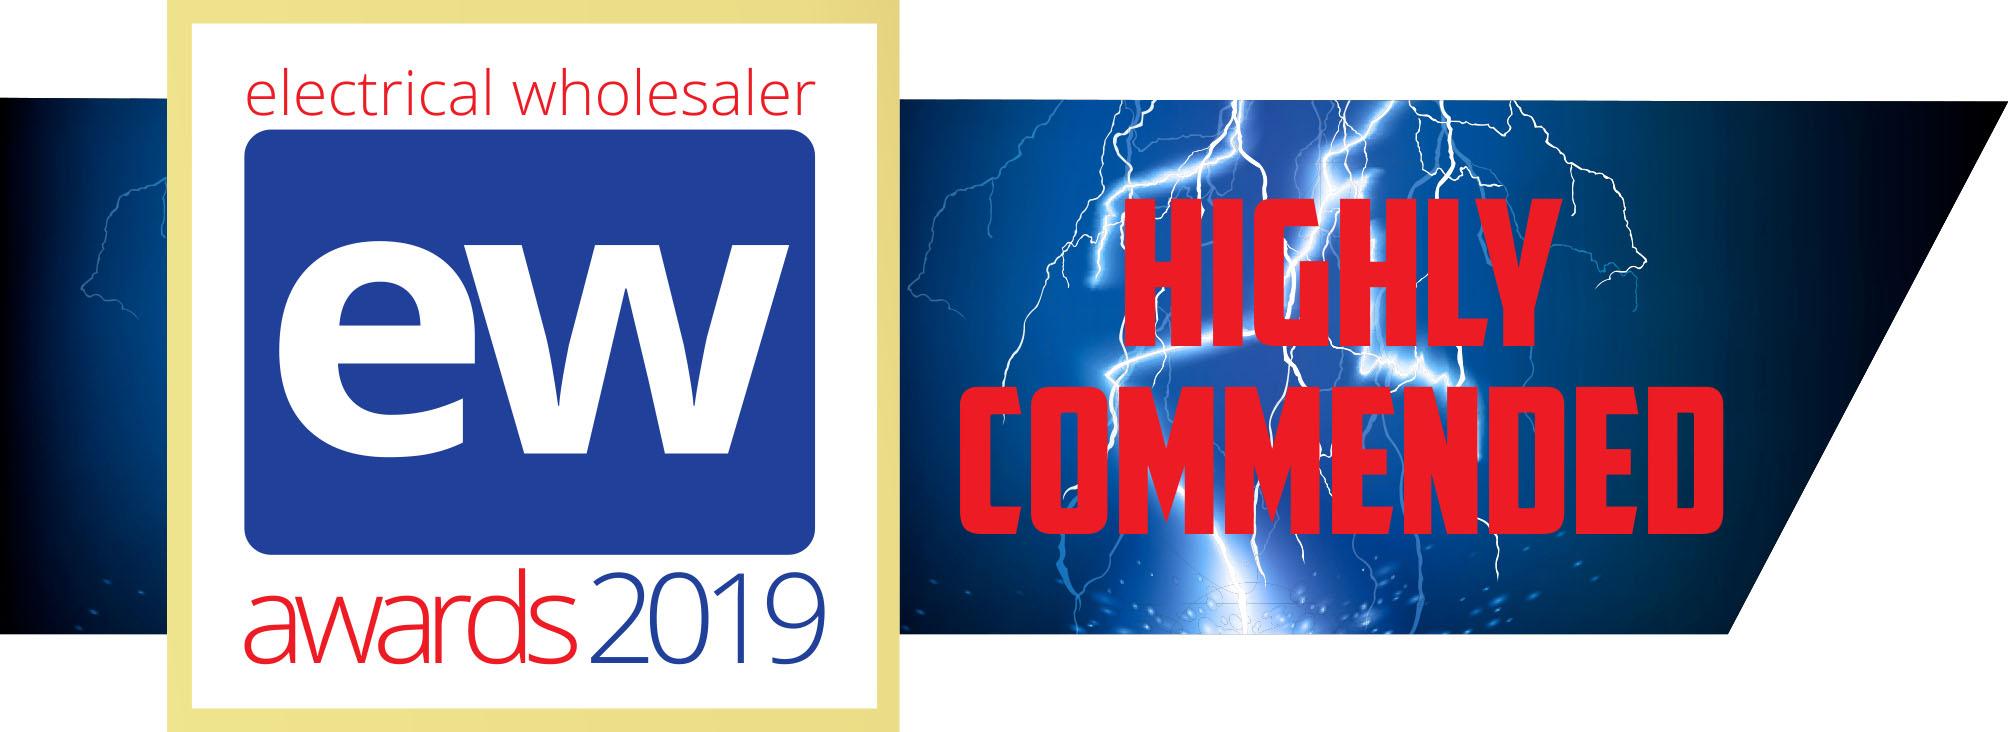 EW Awards19 Highly Commended logo.jpg